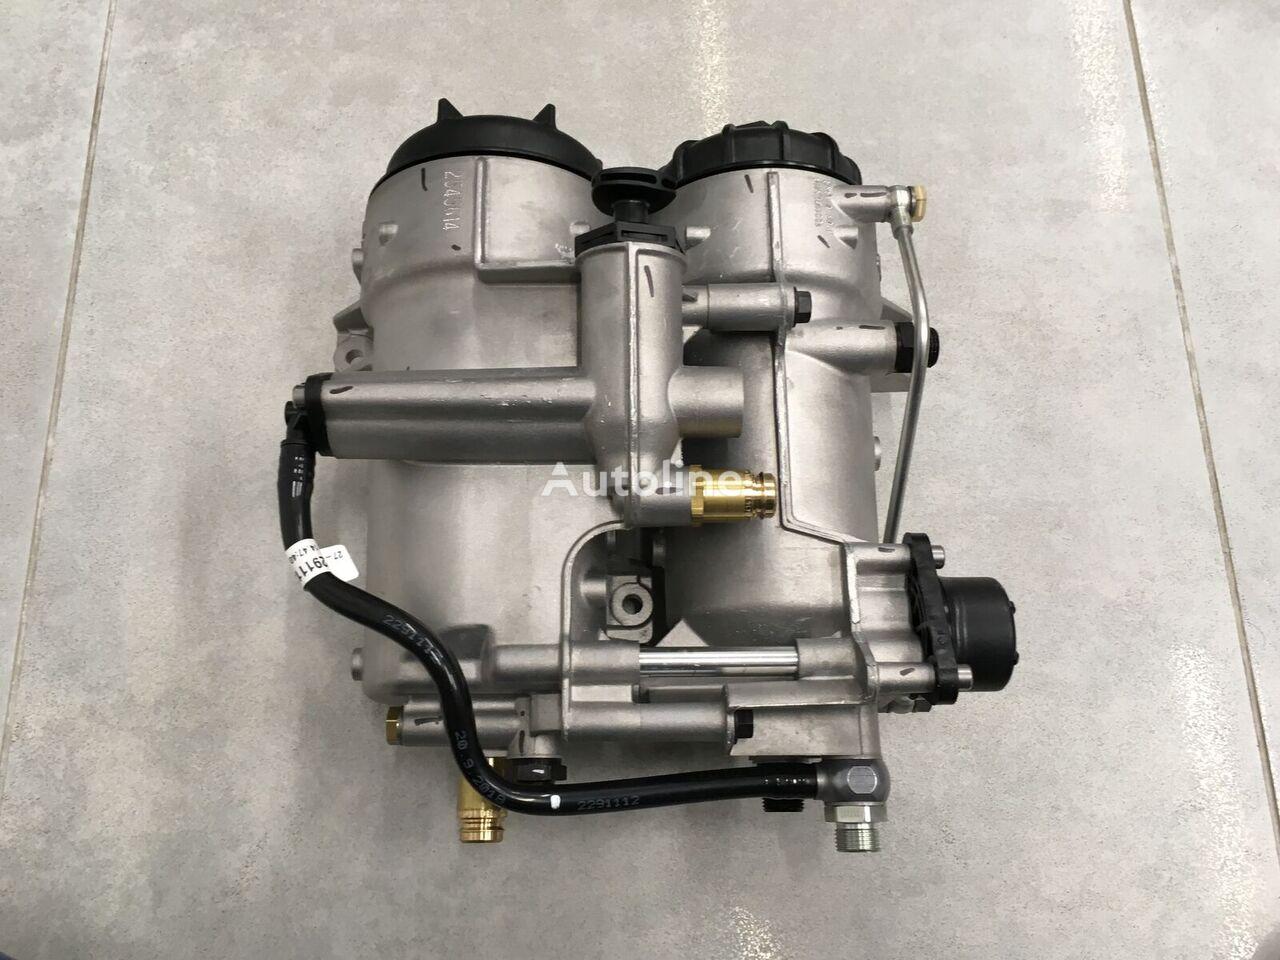 alojamiento de filtro de combustible SCANIA XPI engine para tractora SCANIA 2545614 nuevo